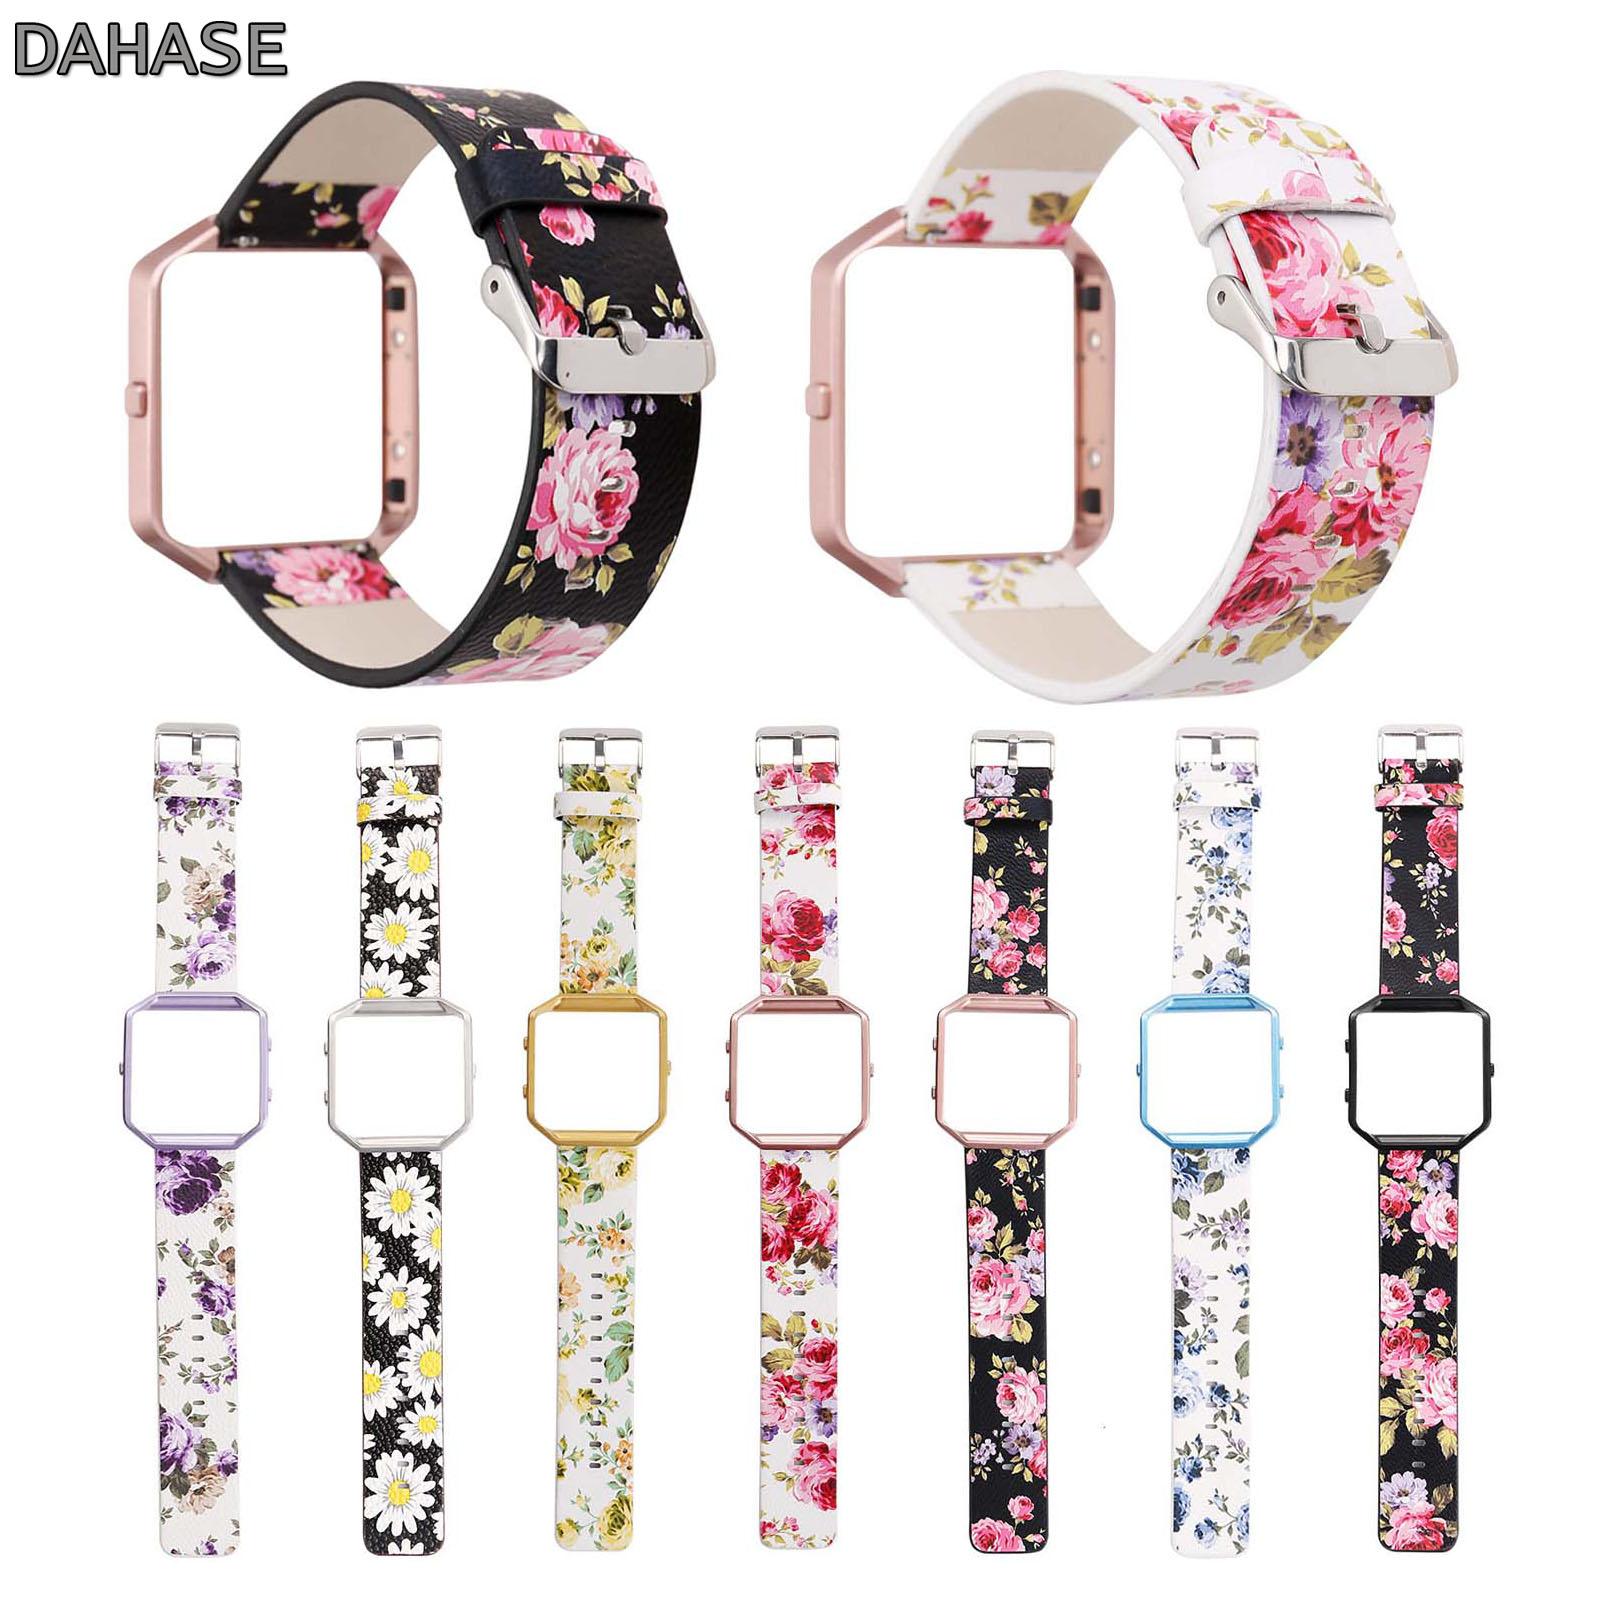 DAHASE Floral Pulseira De Couro 23mm Cinta Flor Pulseira De Relógio de Substituição Para Fitbit Banda Chamas w Frame Colorido do Metal